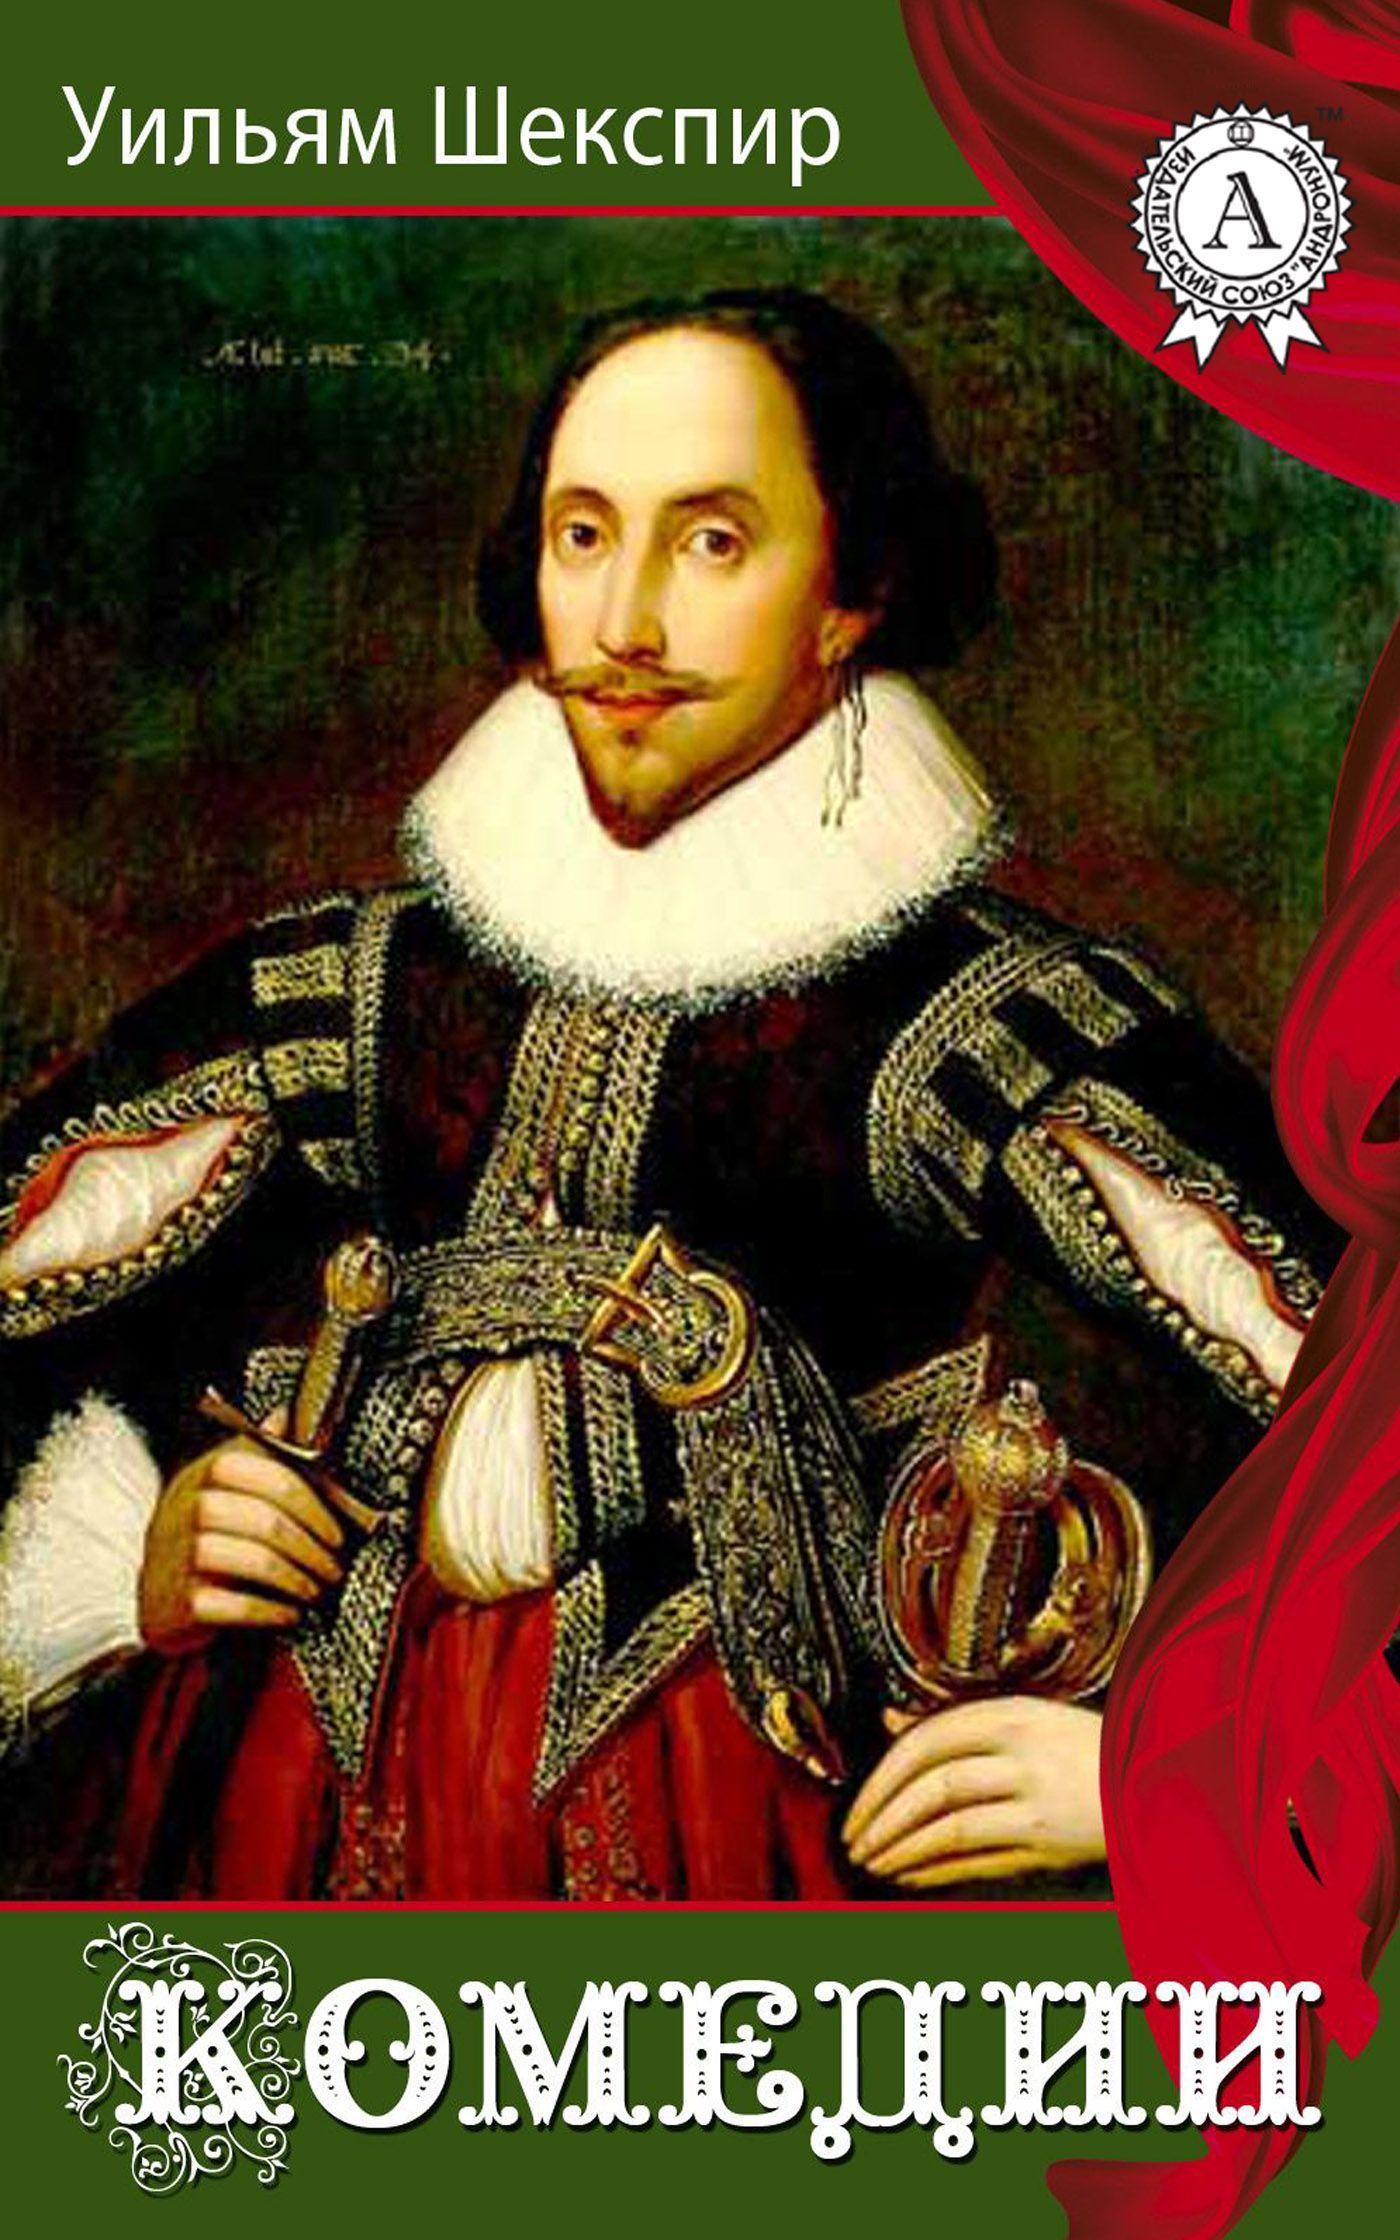 Уильям Шекспир Комедии уильям шекспир комедии укрощение строптивой сон в летнюю ночь венецианский купец много шума из ничего двенадцатая ночь или что угодно